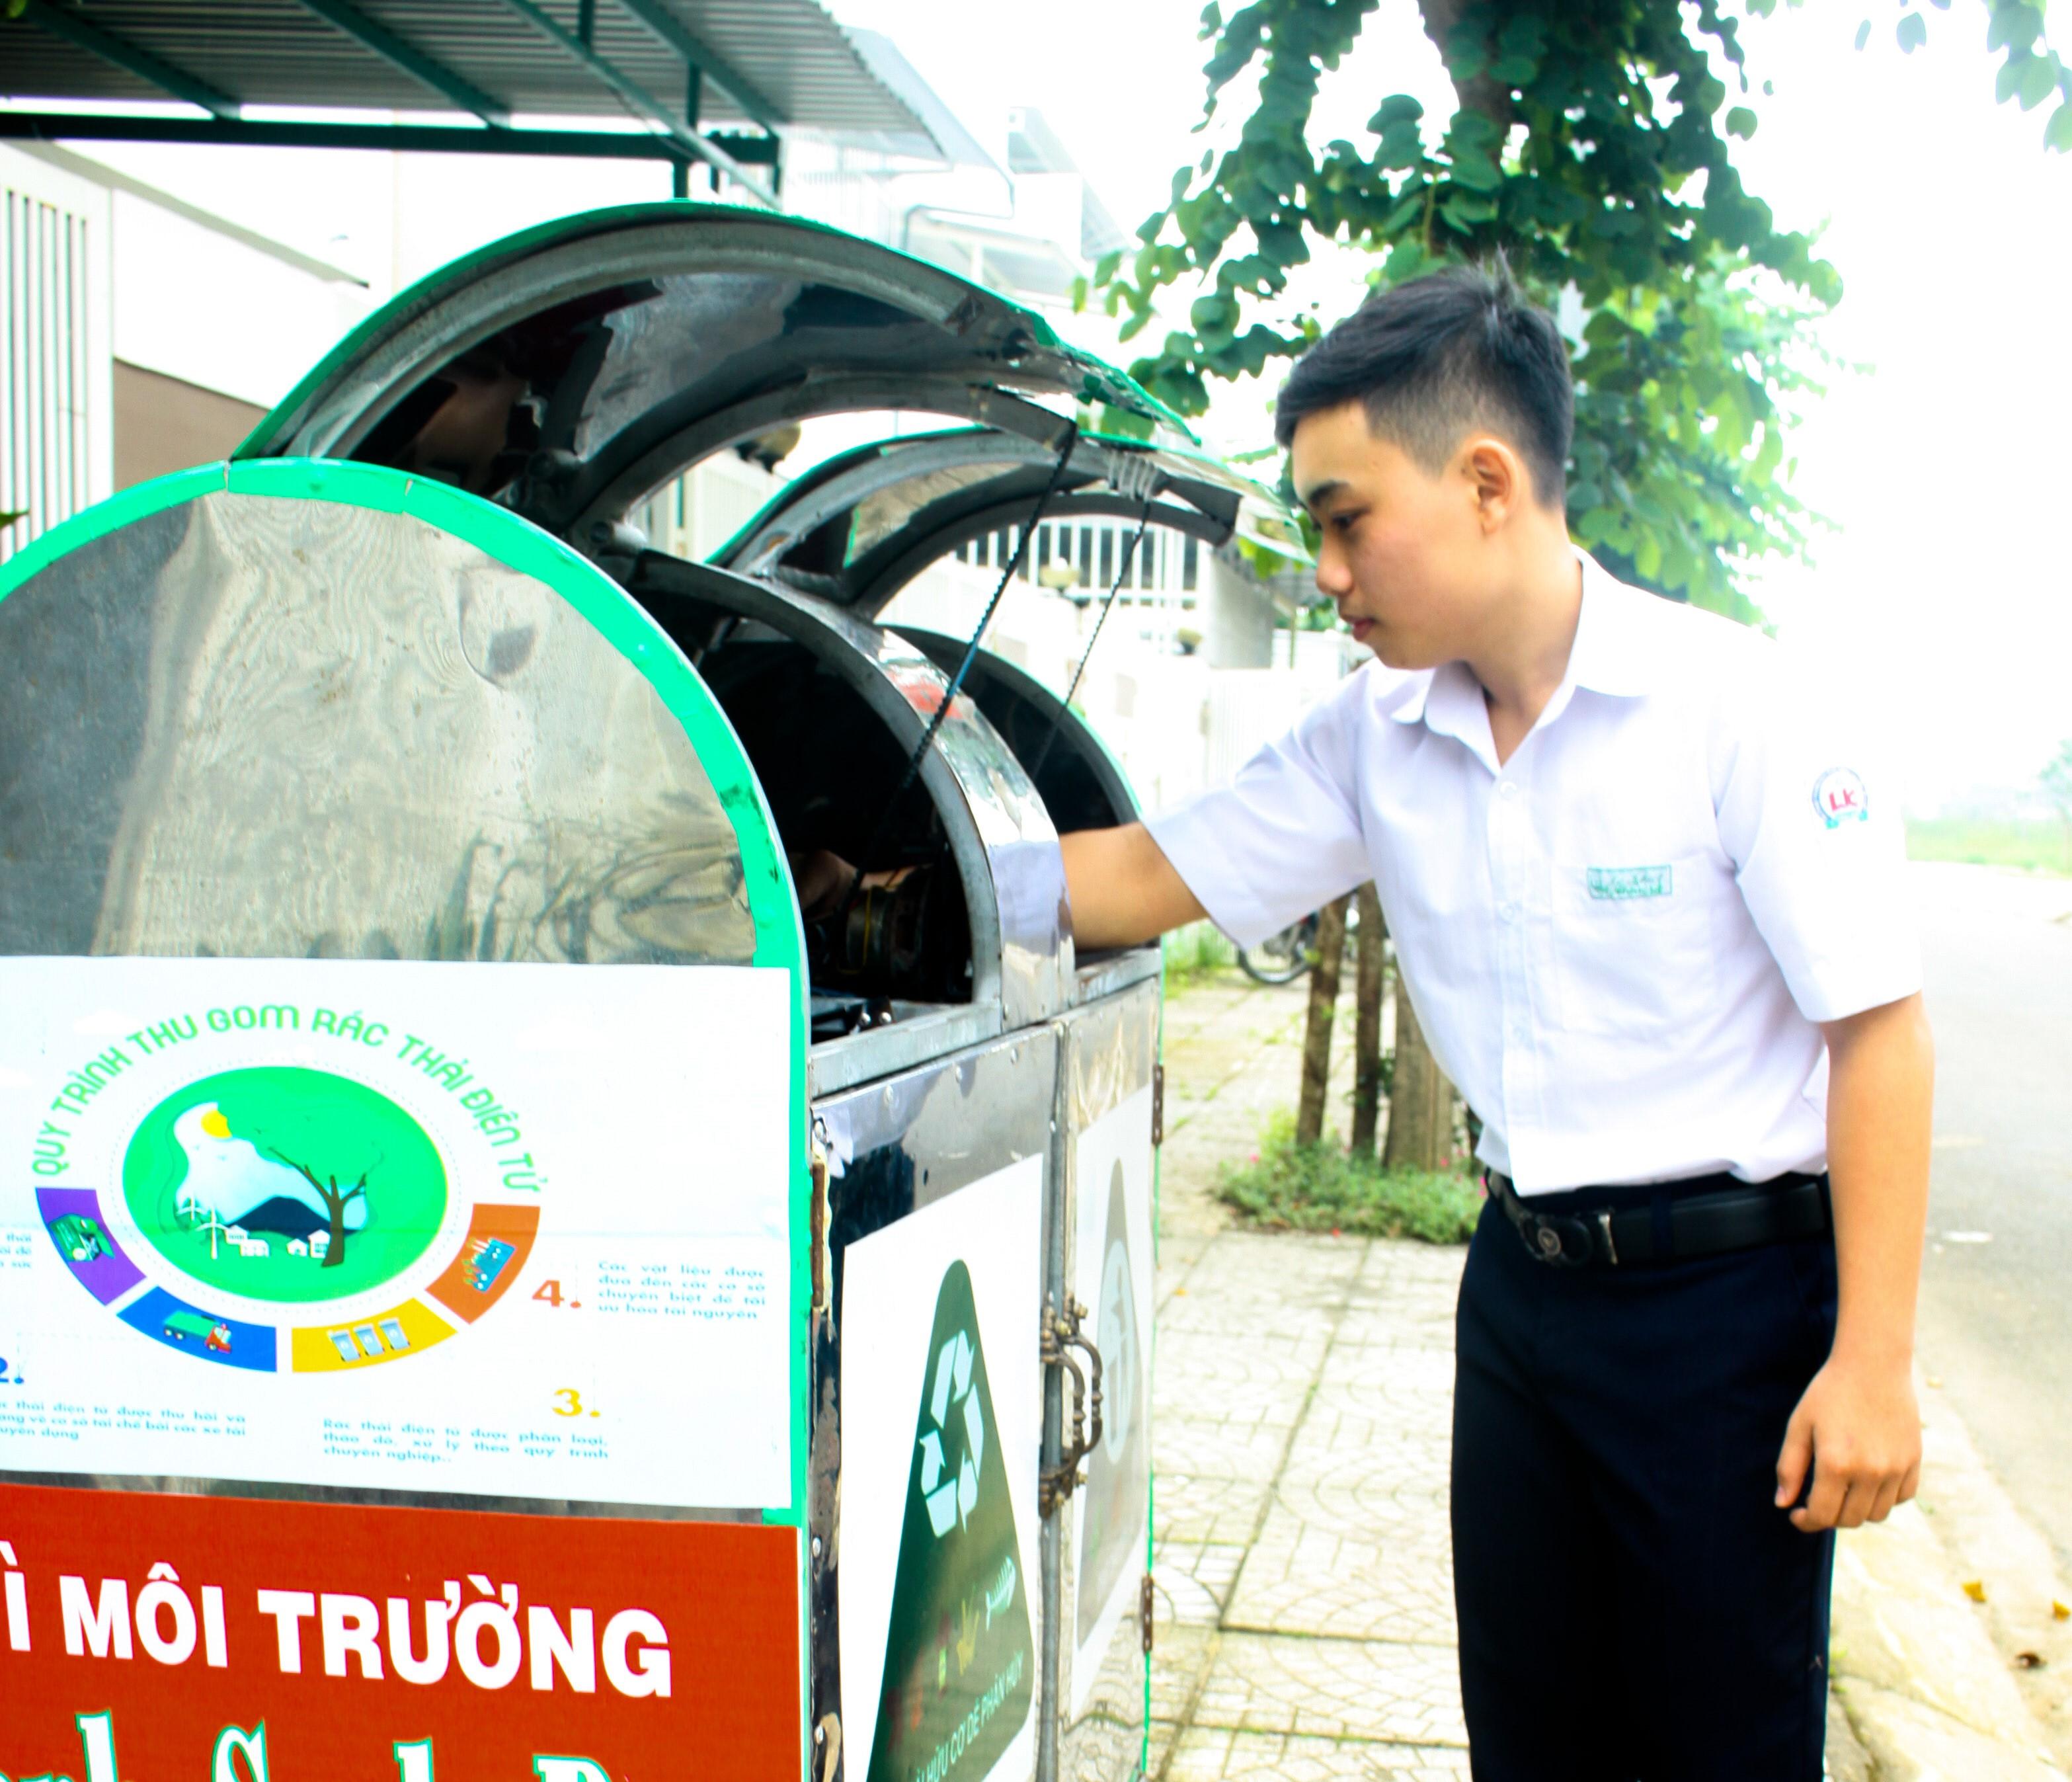 Em Nguyễn Võ Hoàng Nhân và sản phẩm sáng tạo thùng rác thông minh.